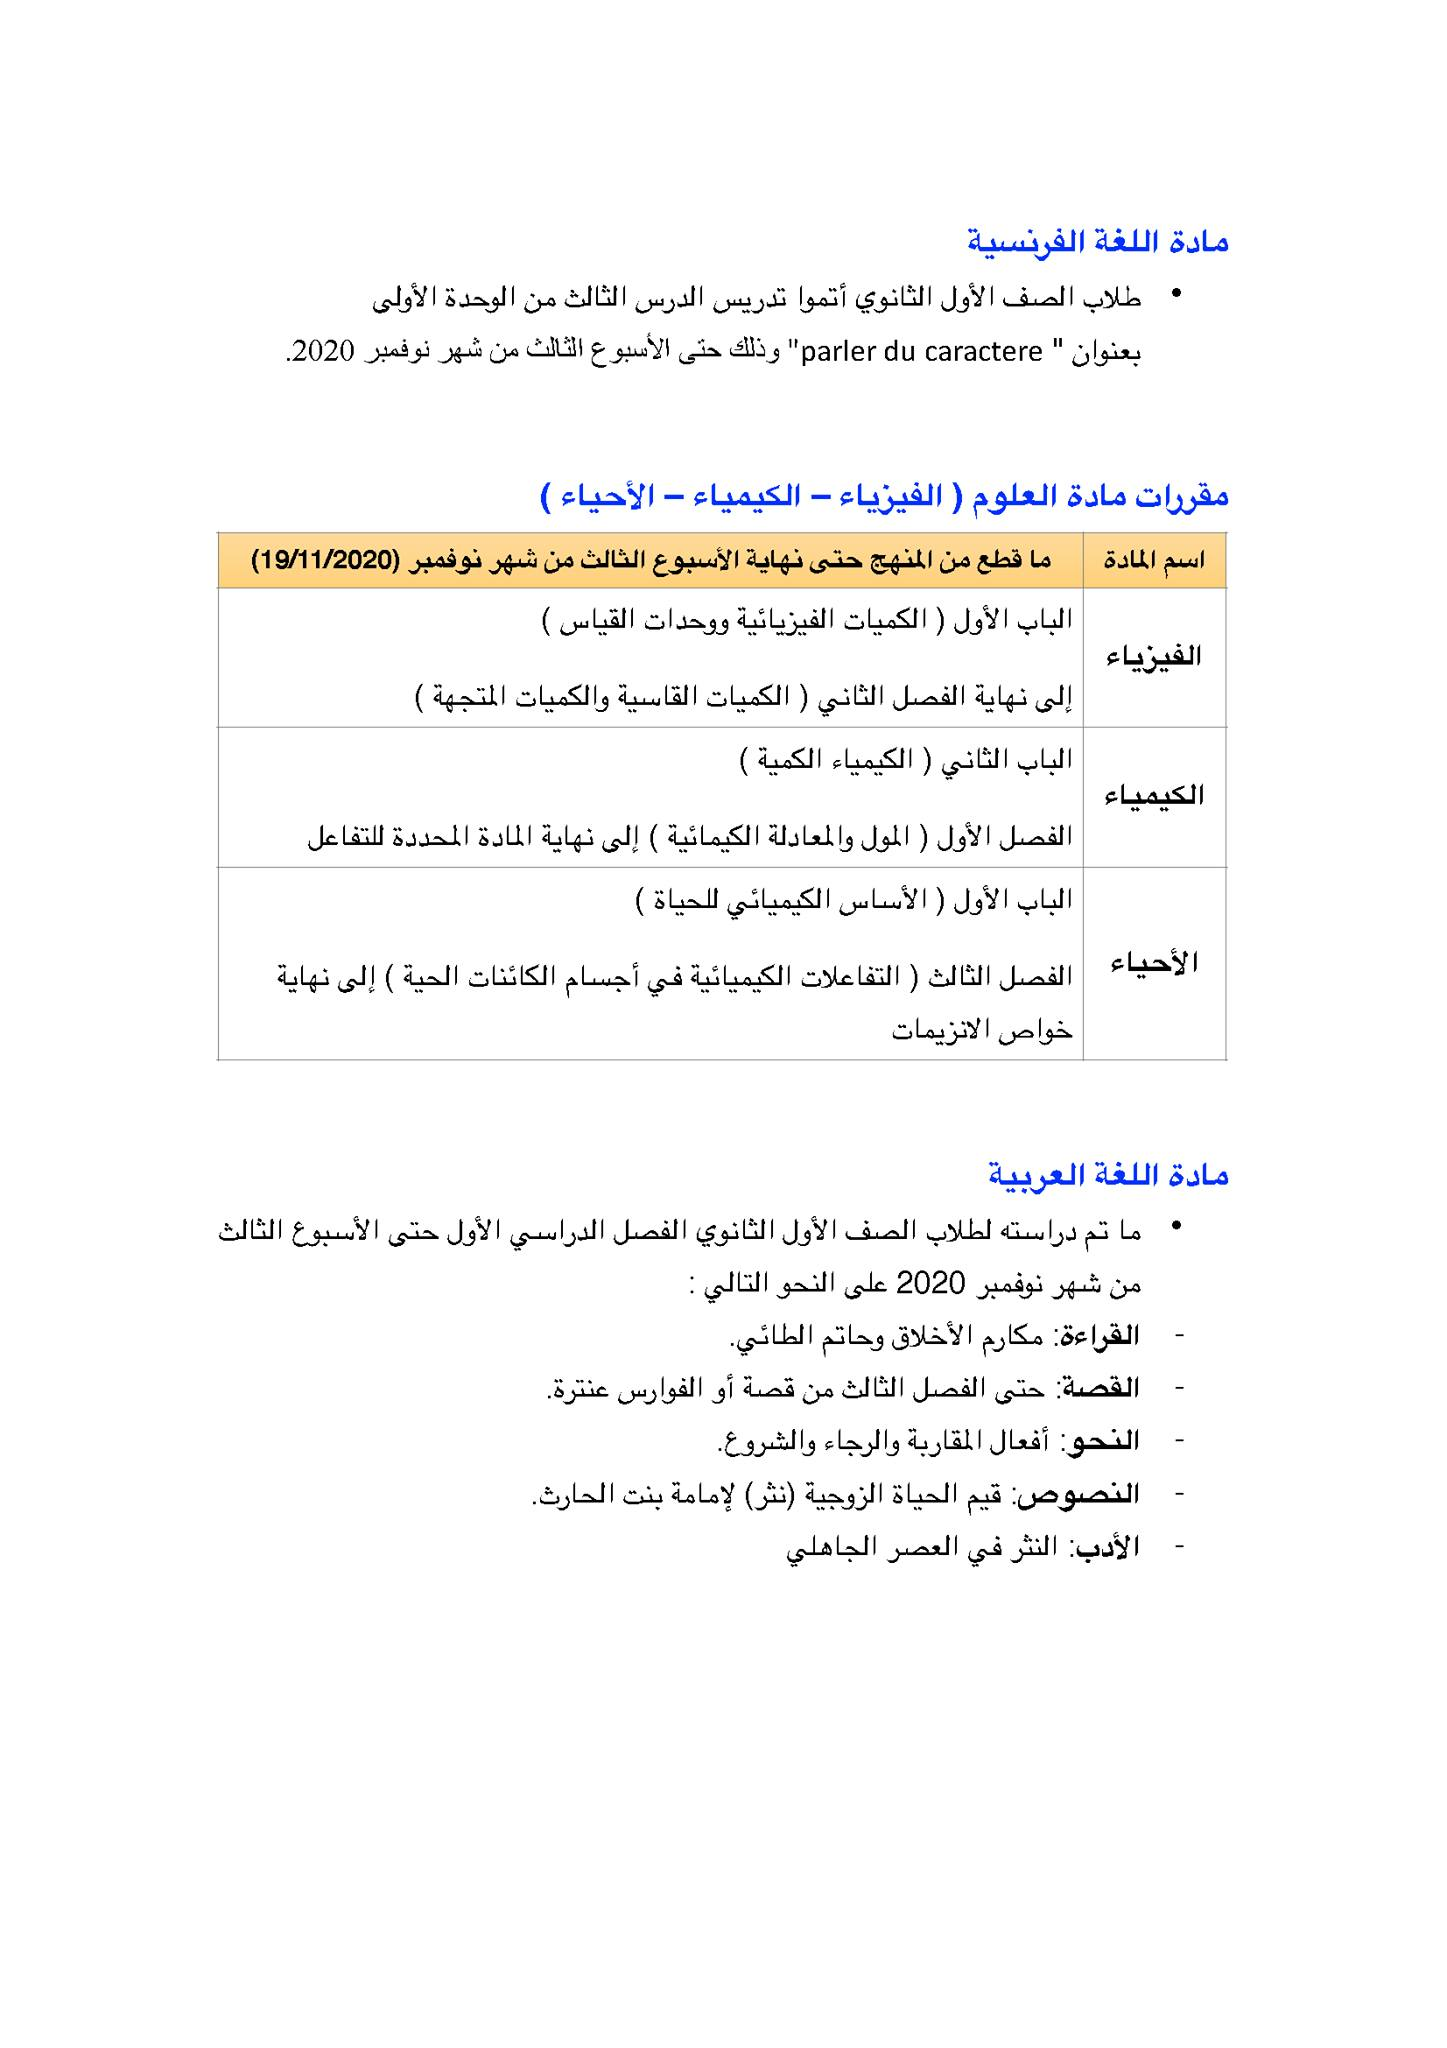 الدروس المقررة في مناهج الصف الأول الثانوي 2021 مادة الانجليزي والفلسفة والرياضيات , اللغة الفرنسية والعلوم والعربية,مادة اللغة الفرنسية والعلوم والعربية